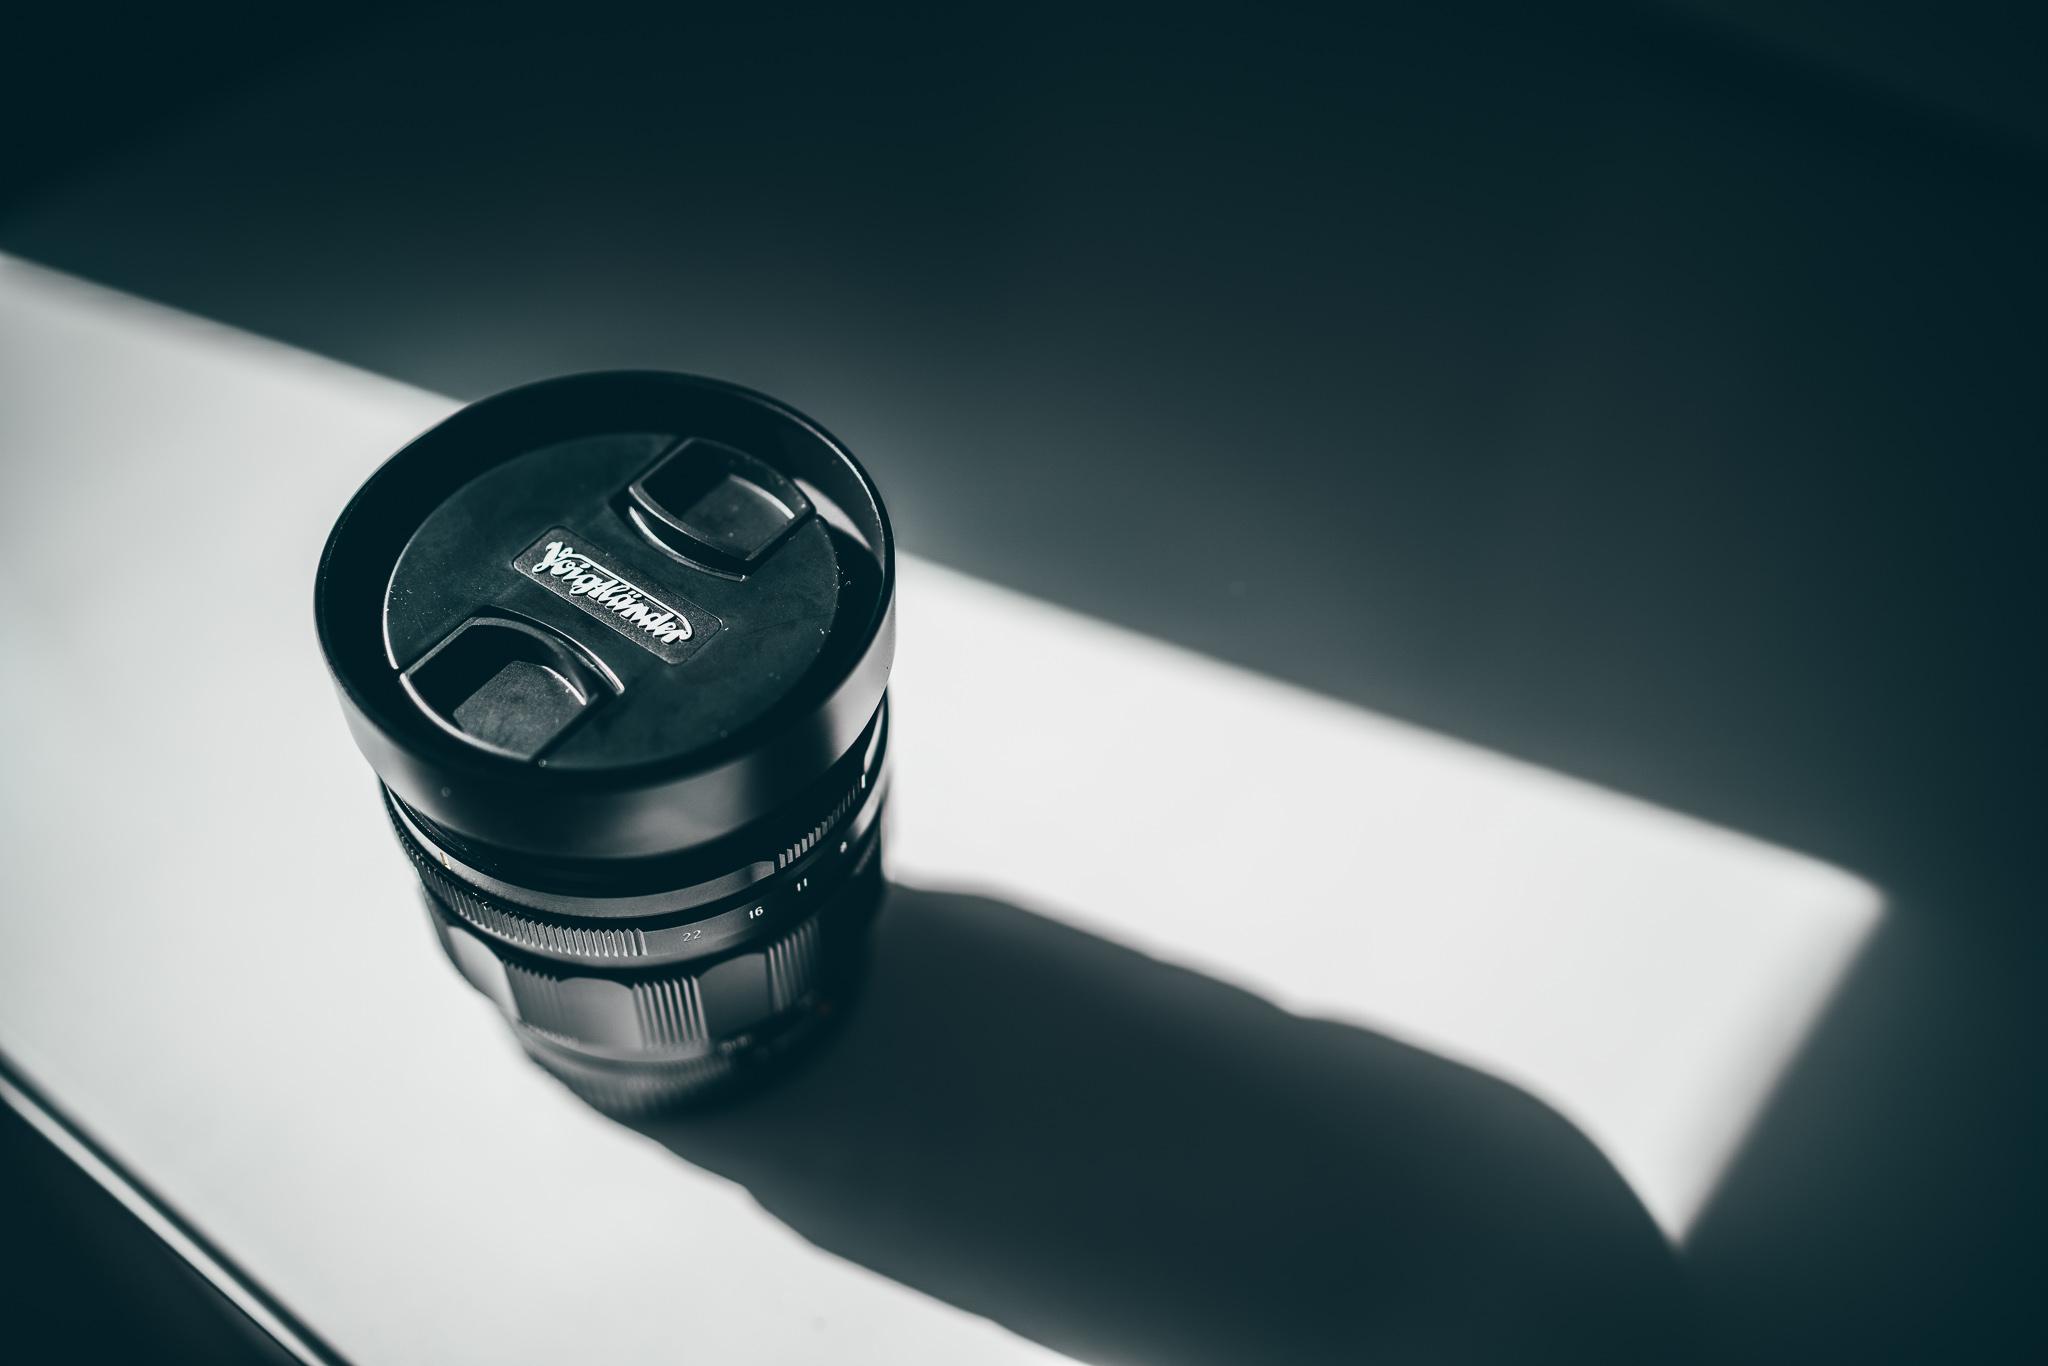 The Voigtlander 40mm f1.2